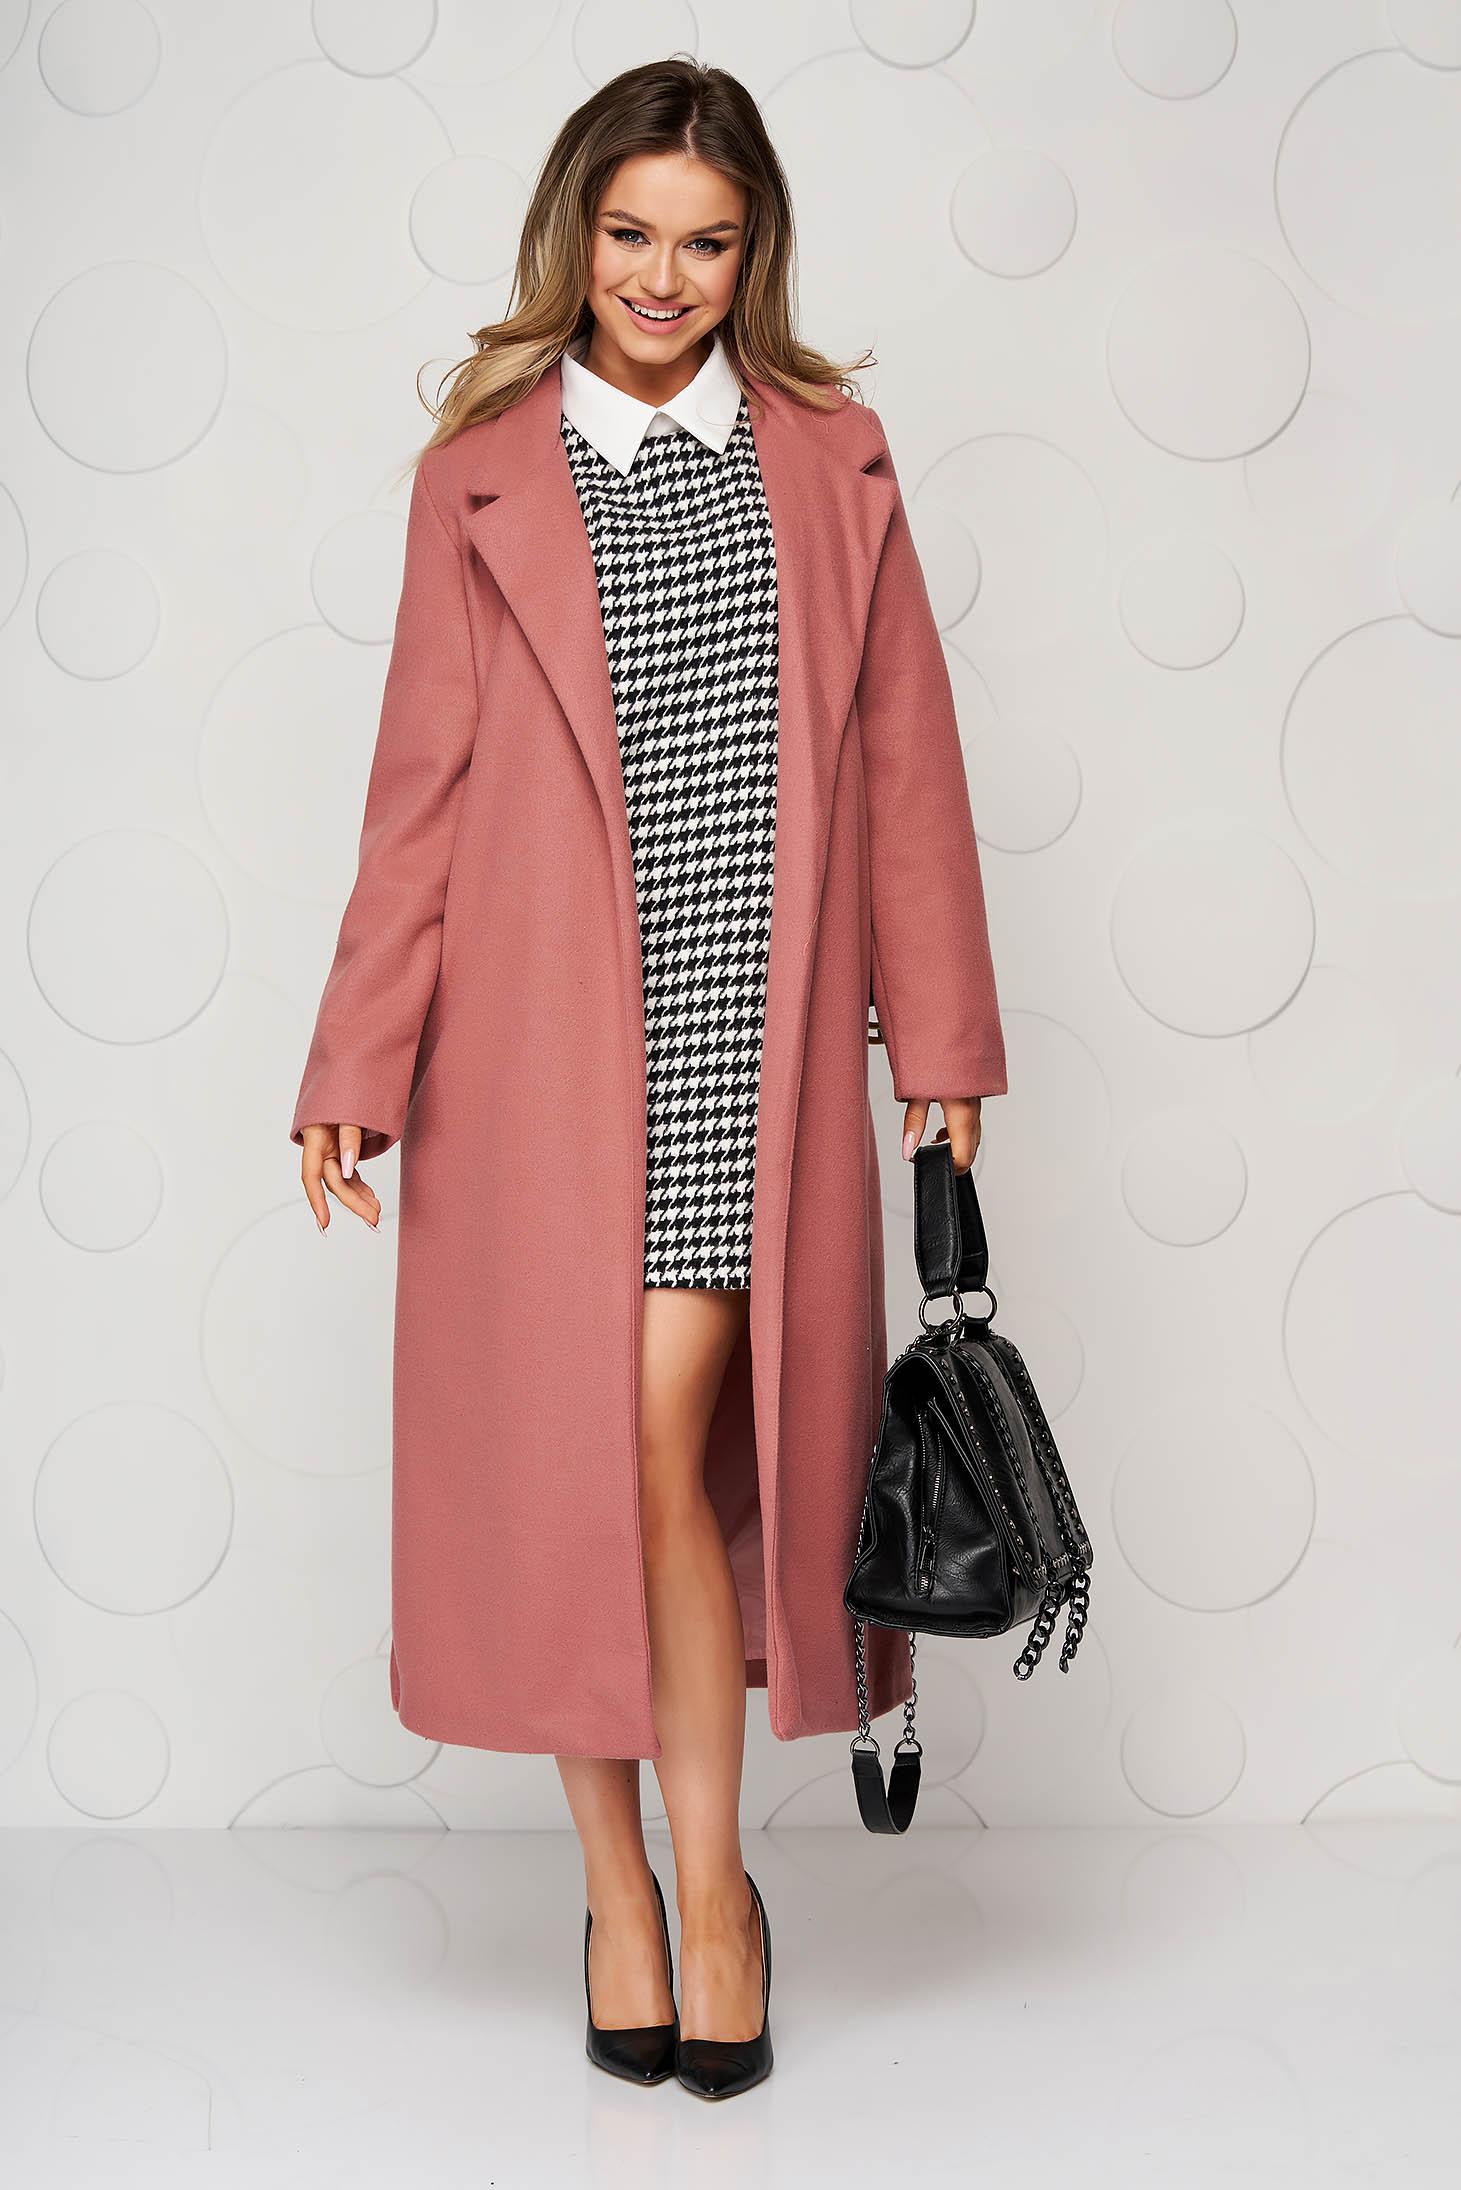 Pink hosszú egyenes casual kabát öv típusú kiegészítővel